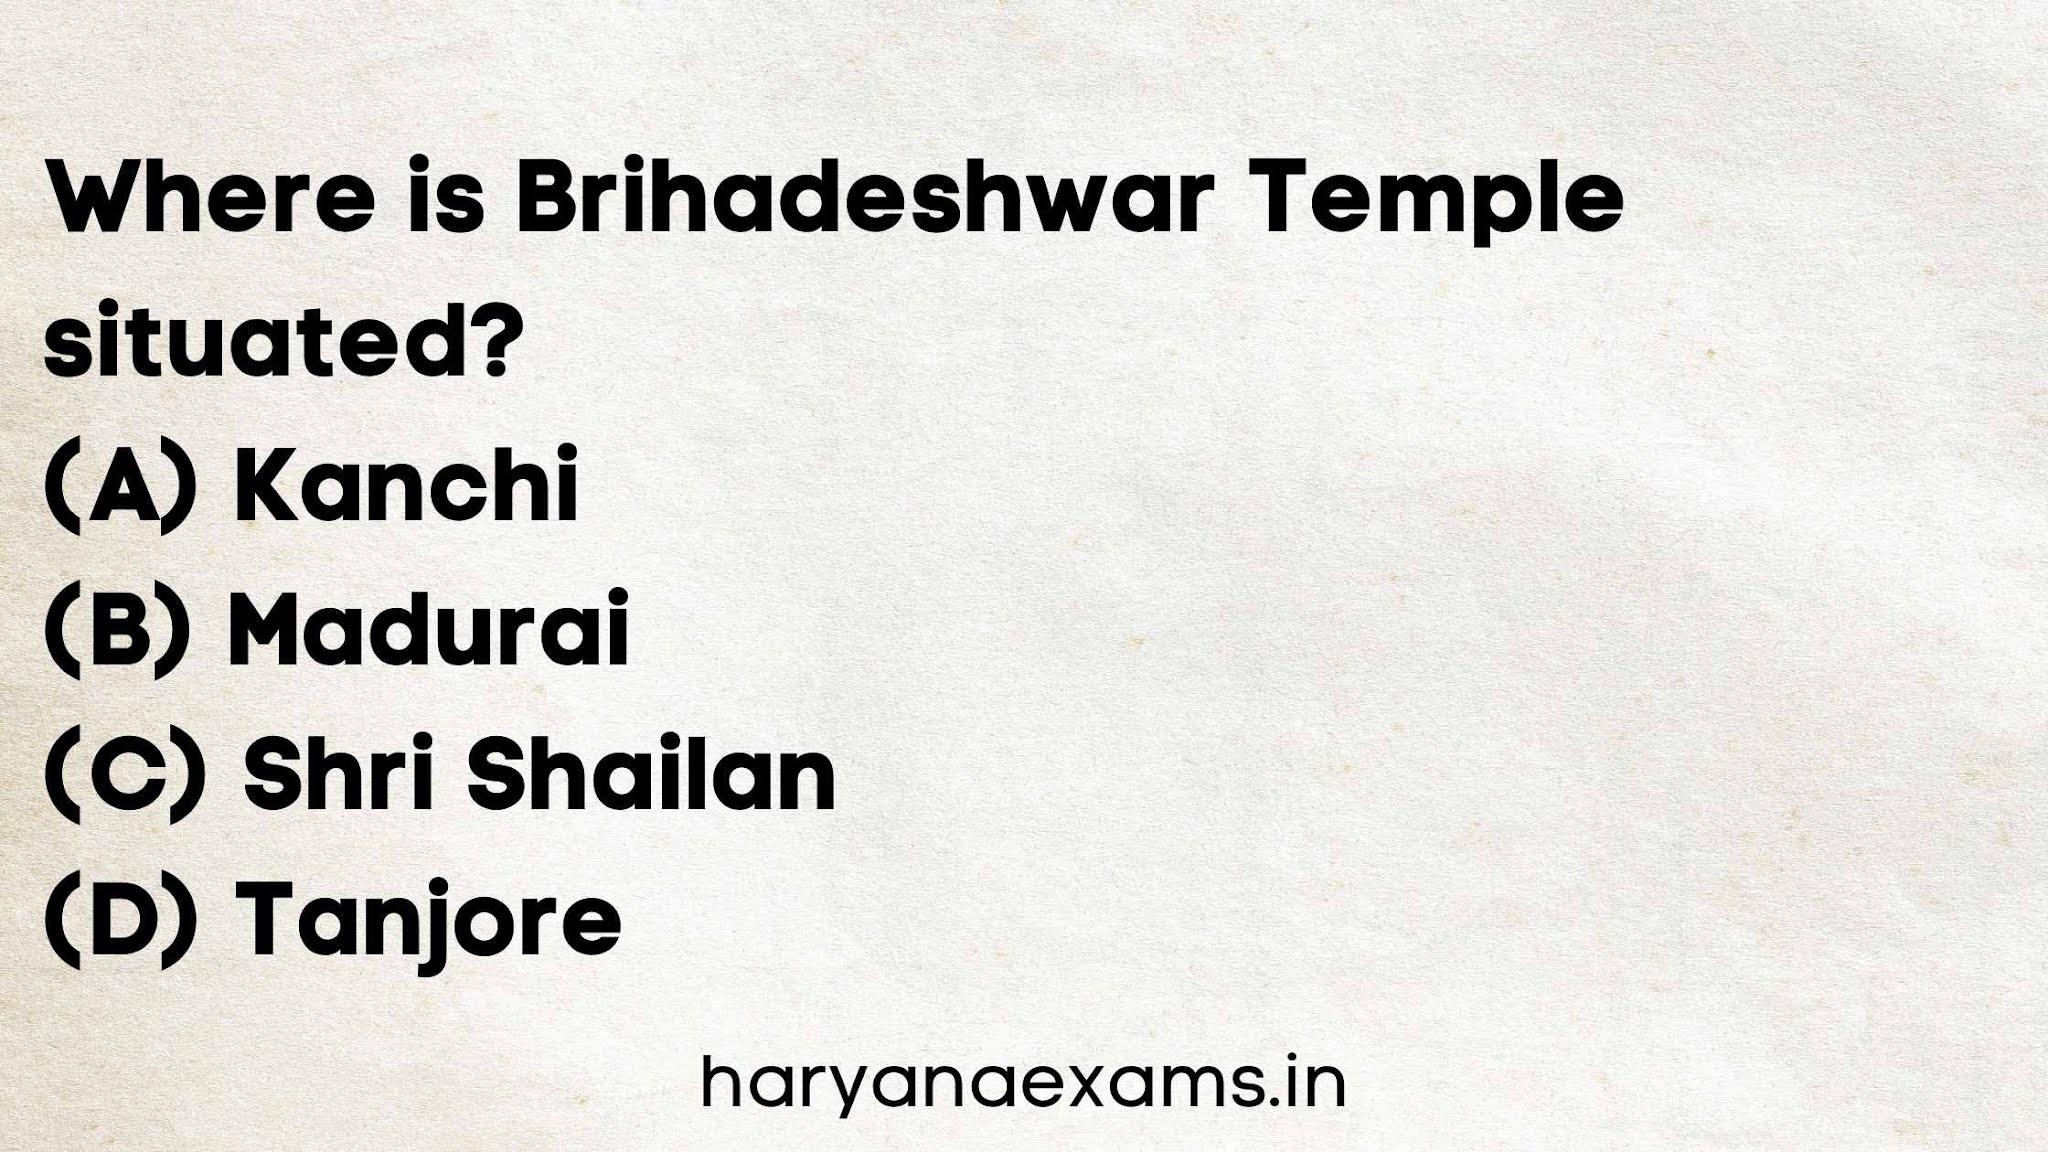 Where is Brihadeshwar Temple situated?   (A) Kanchi   (B) Madurai   (C) Shri Shailan   (D) Tanjore